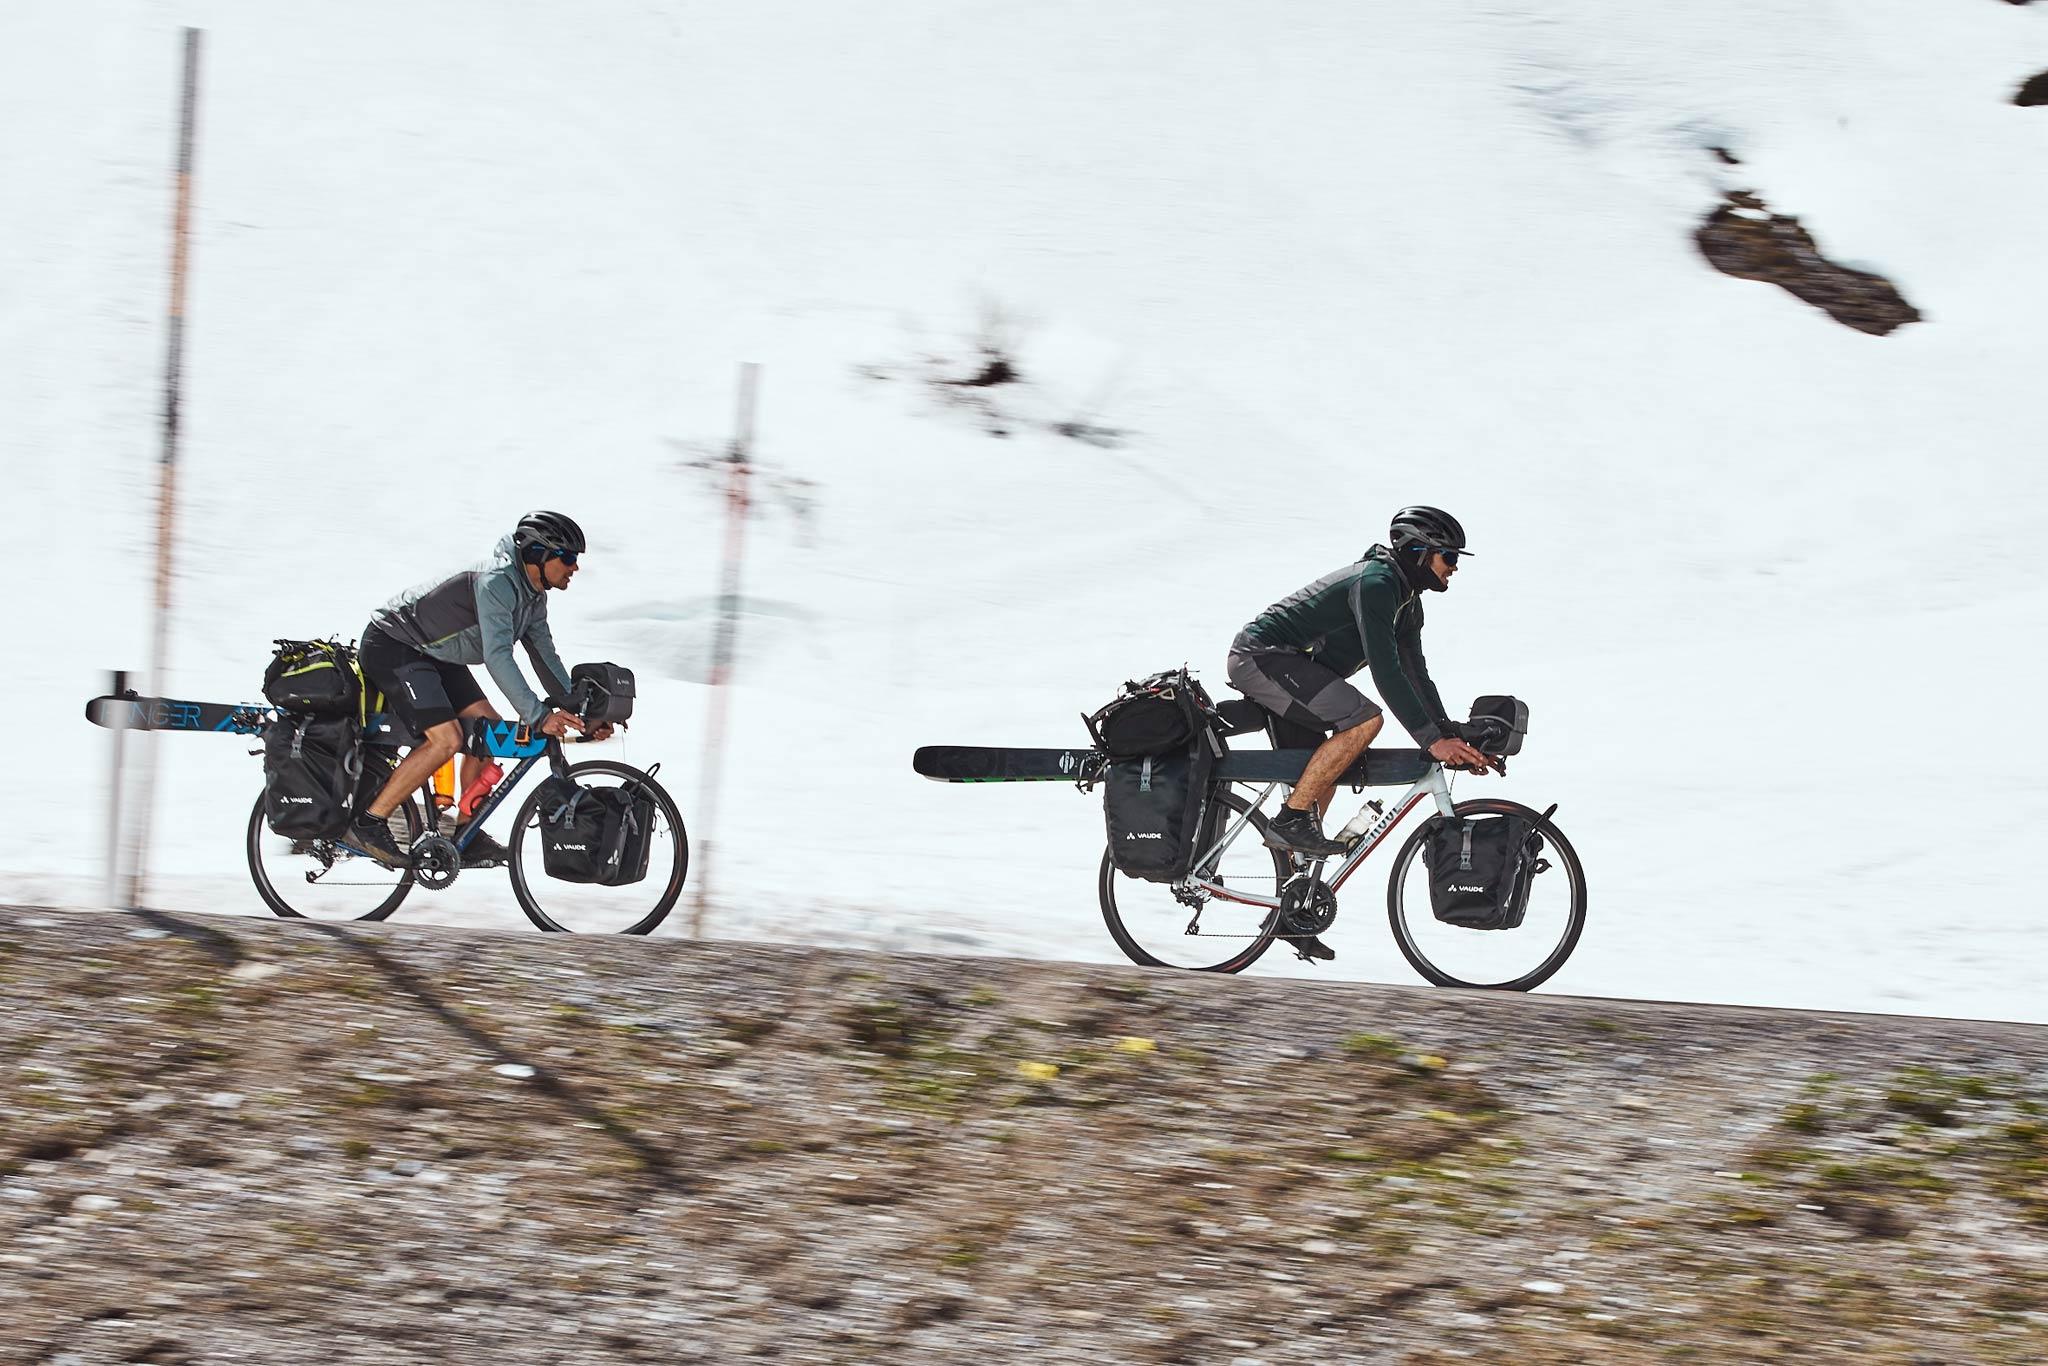 Max und Jochen bewegten sich auf ihren Trip ausschließlich mit menschlicher Kraft fort. Entweder auf dem Bike mit den Ski an die Seite gespannt oder ... - Foto: Philipp Becker